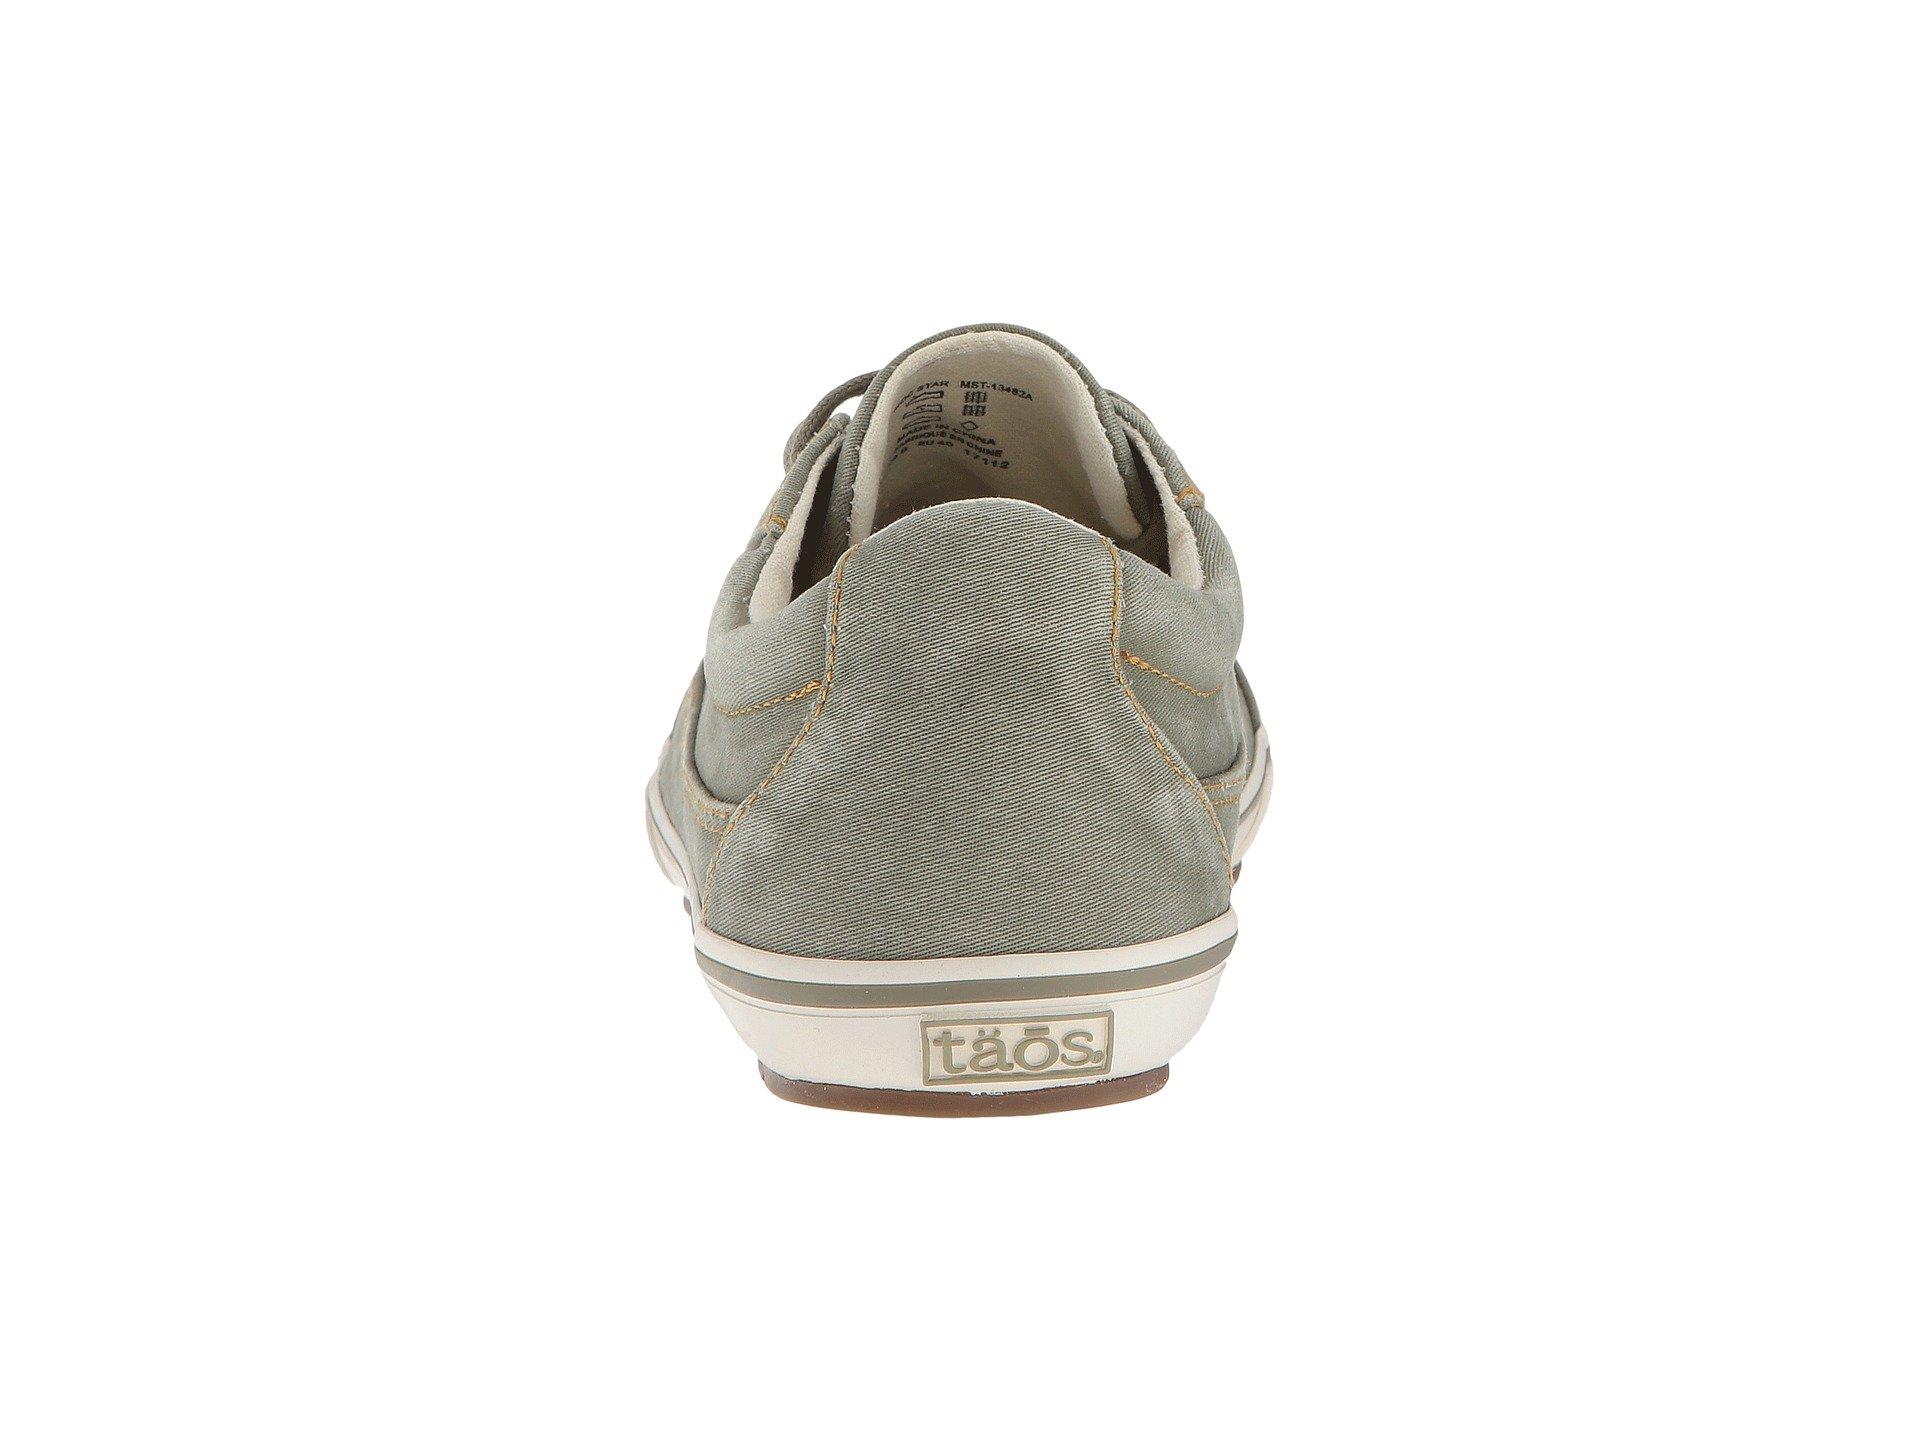 Taos Moc Footwear Sage Distressed Star qvZwS